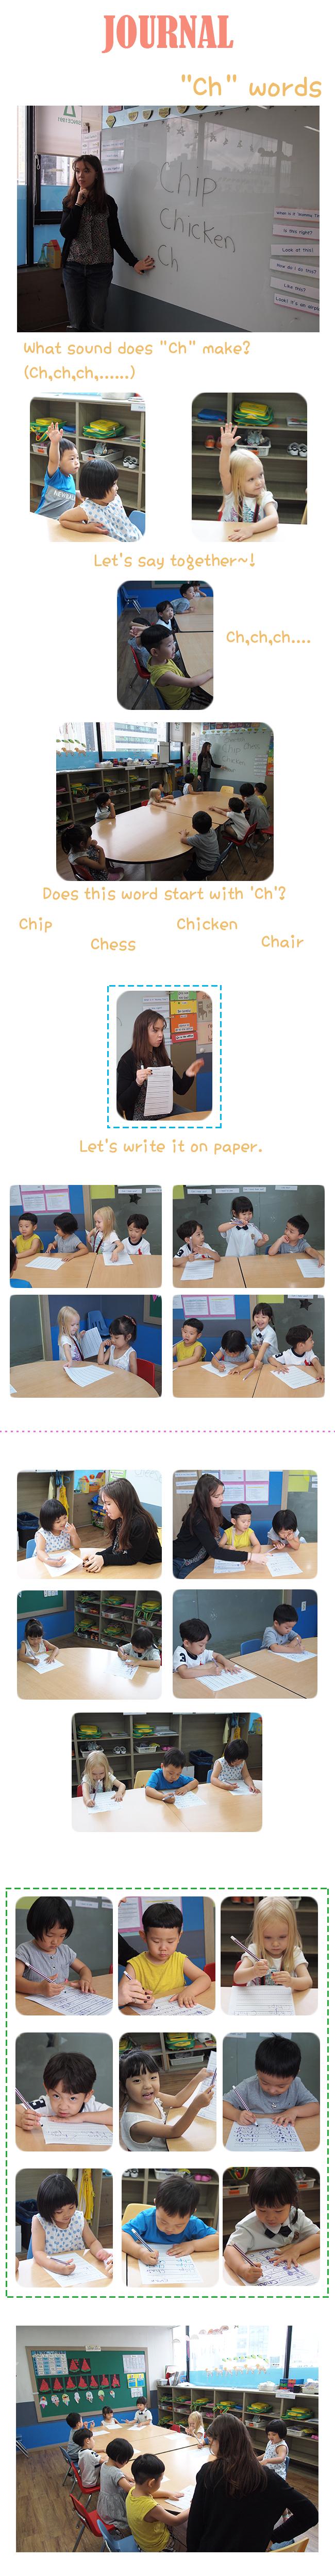 Journal_0829.jpg